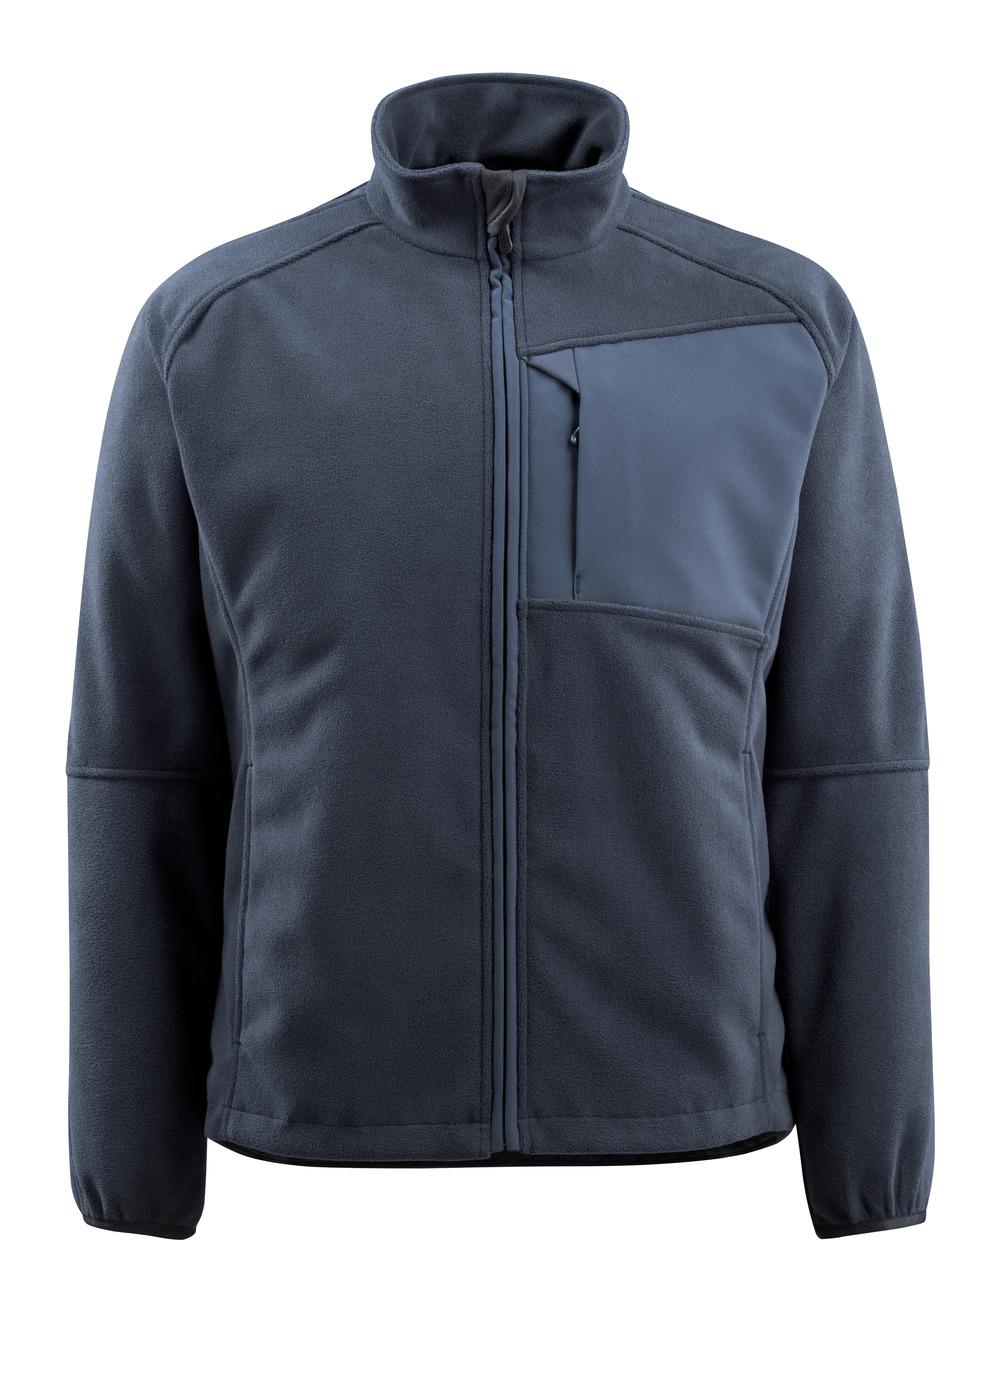 15703-259-010 Fleece Jacket - dark navy